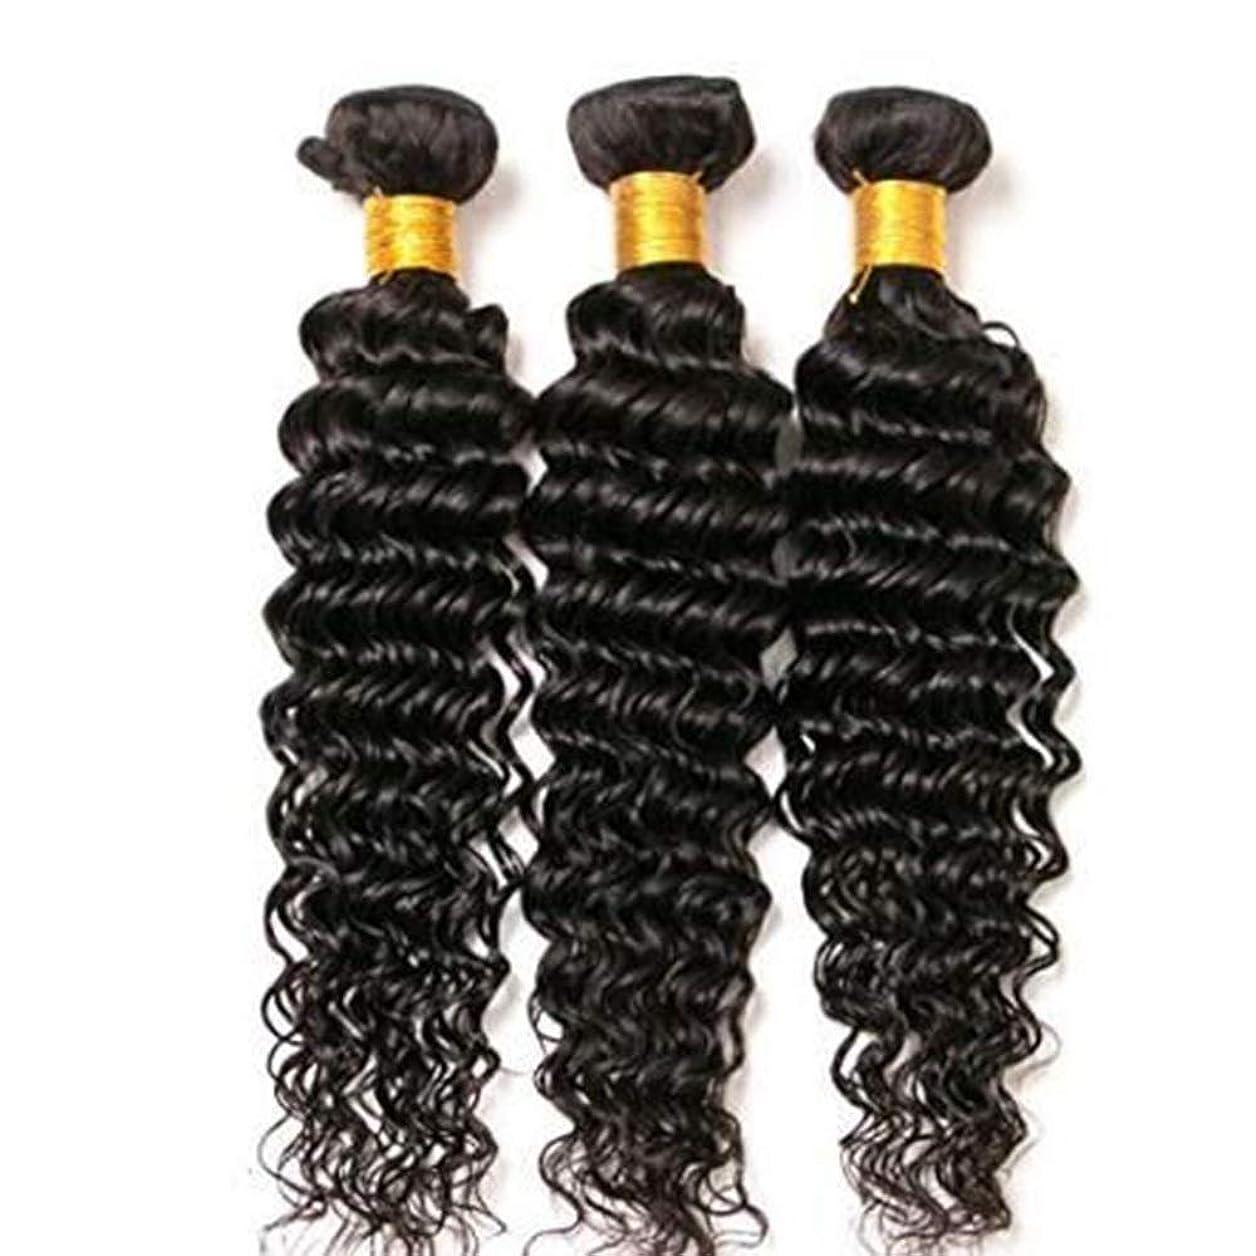 侵略マイルドインストールBOBIDYEE 女性のためのブラジルのディープウェーブヘアバンドル100%未処理の人間の毛髪延長ナチュラルルッキング(8